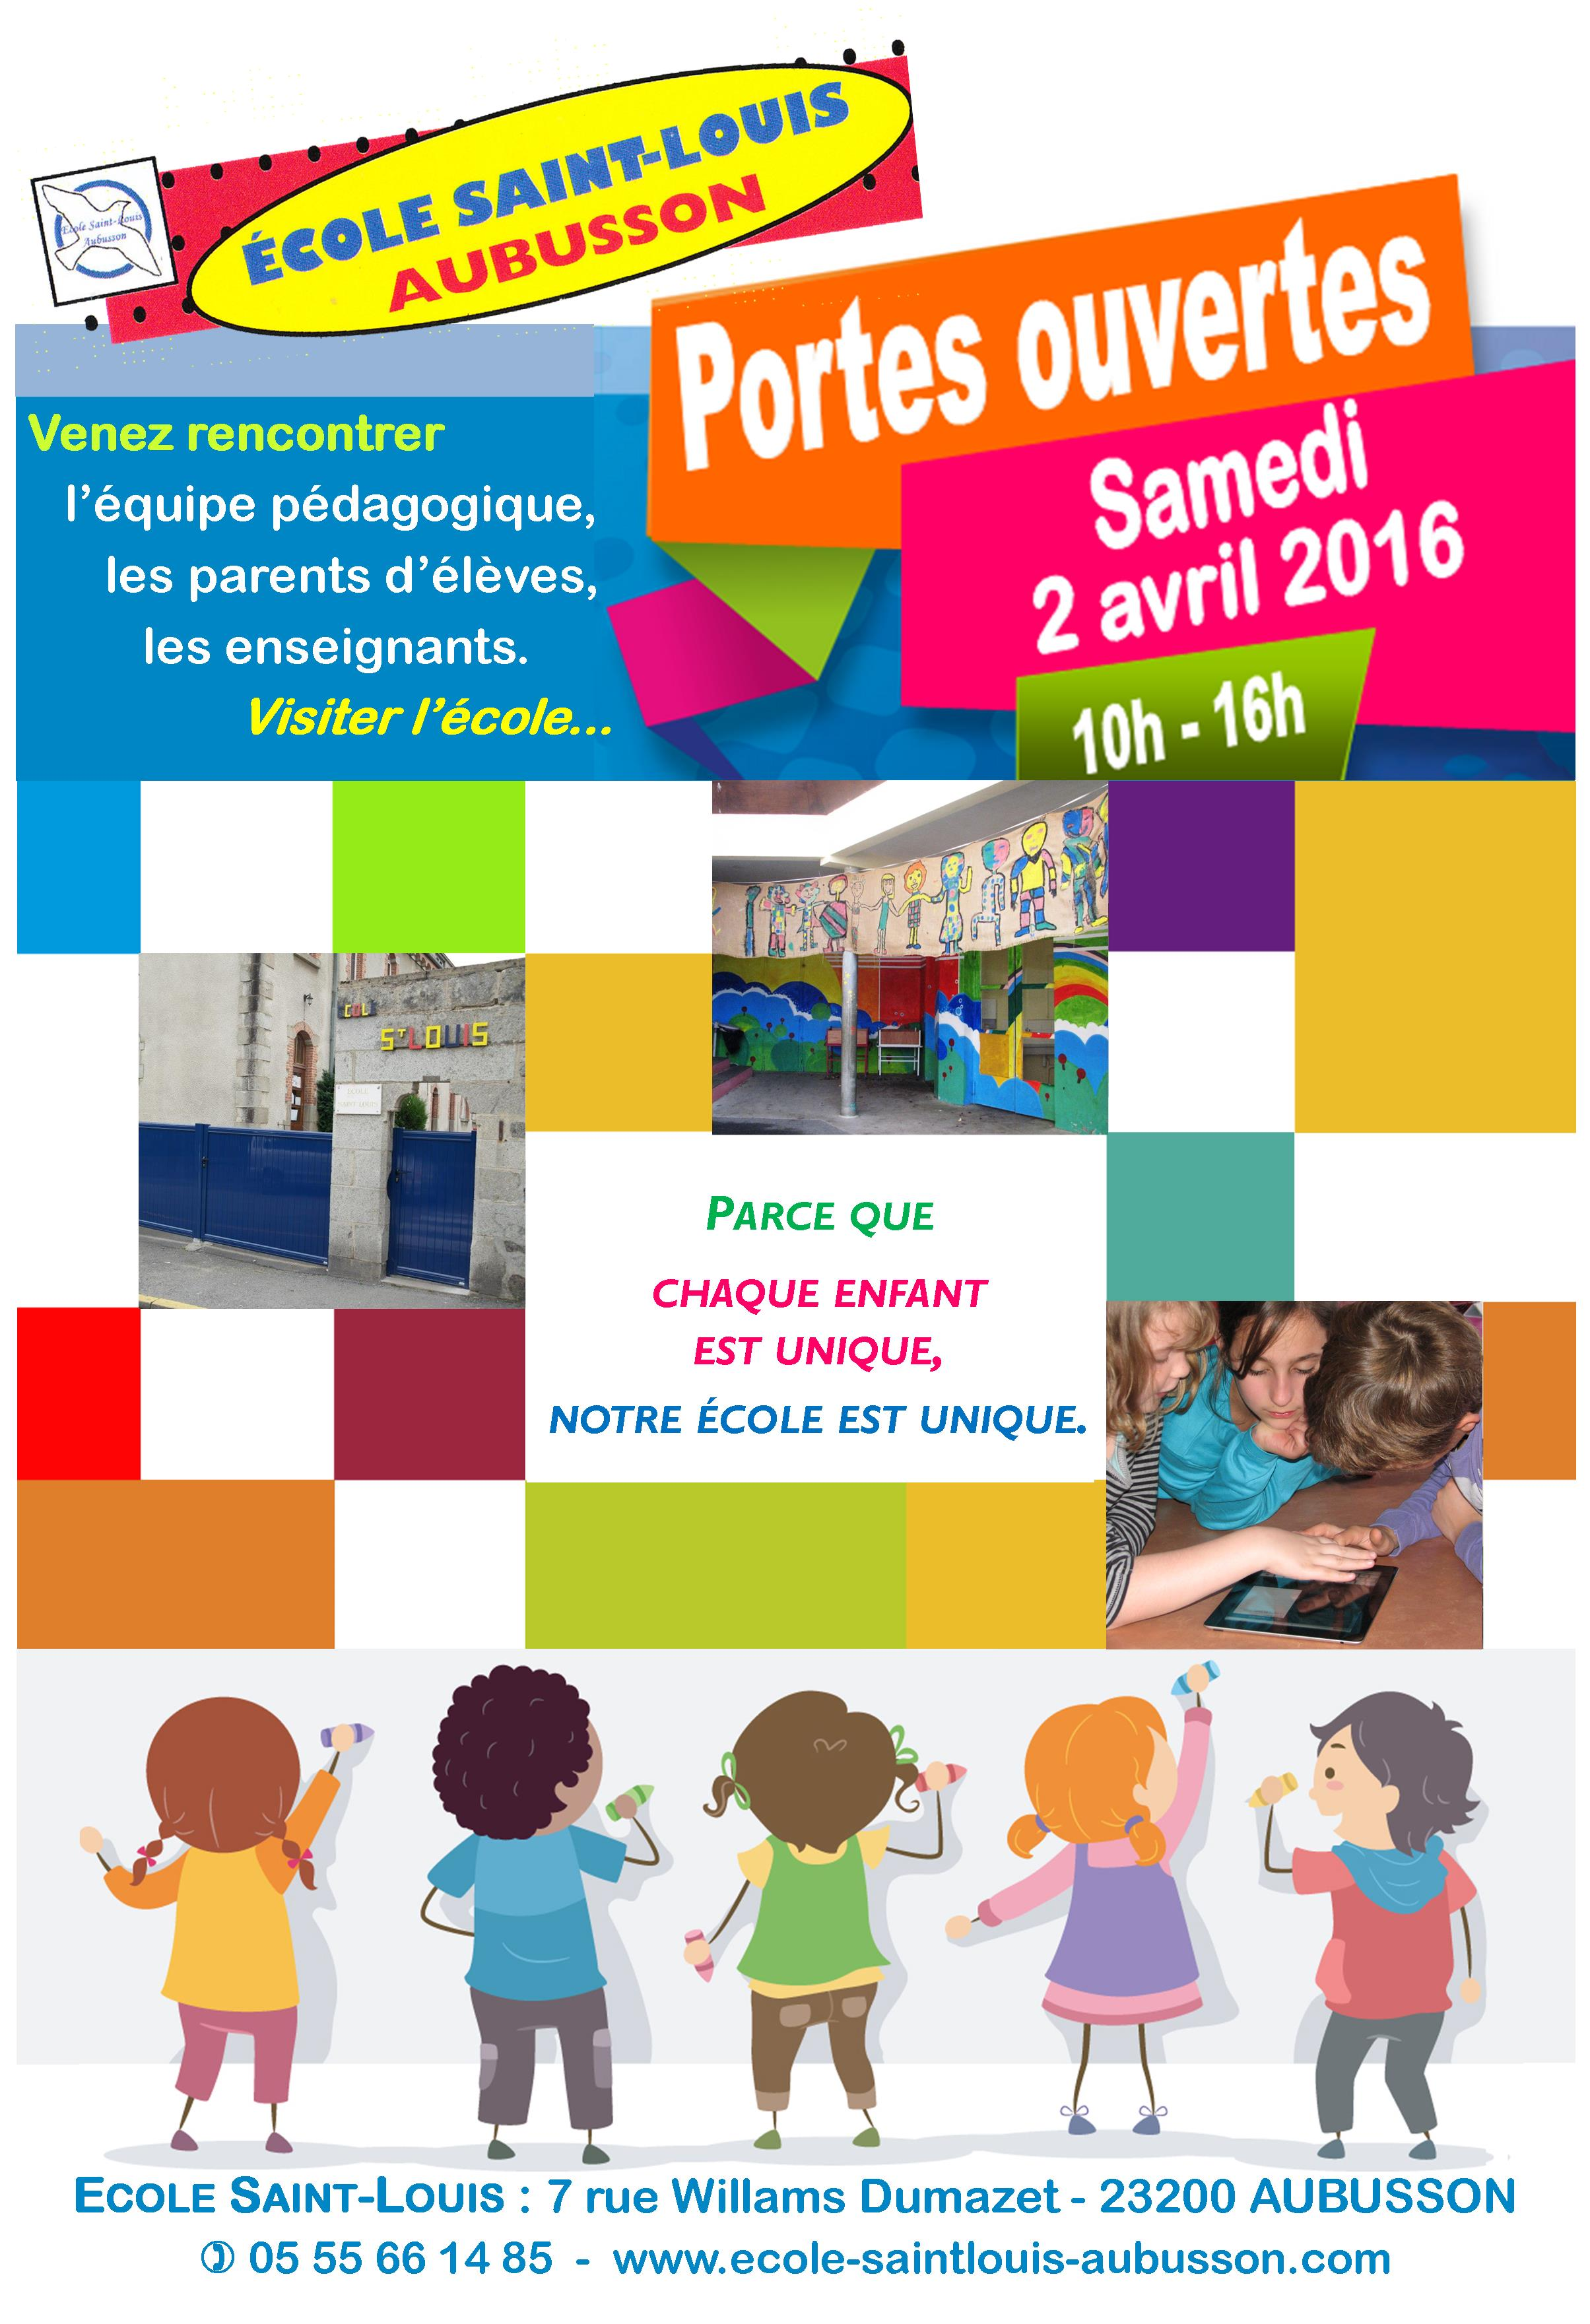 Journ e portes ouvertes de l 39 cole saint louis samedi 2 avril 2016 ecole saint louis aubusson - Portes ouvertes saint louis ...